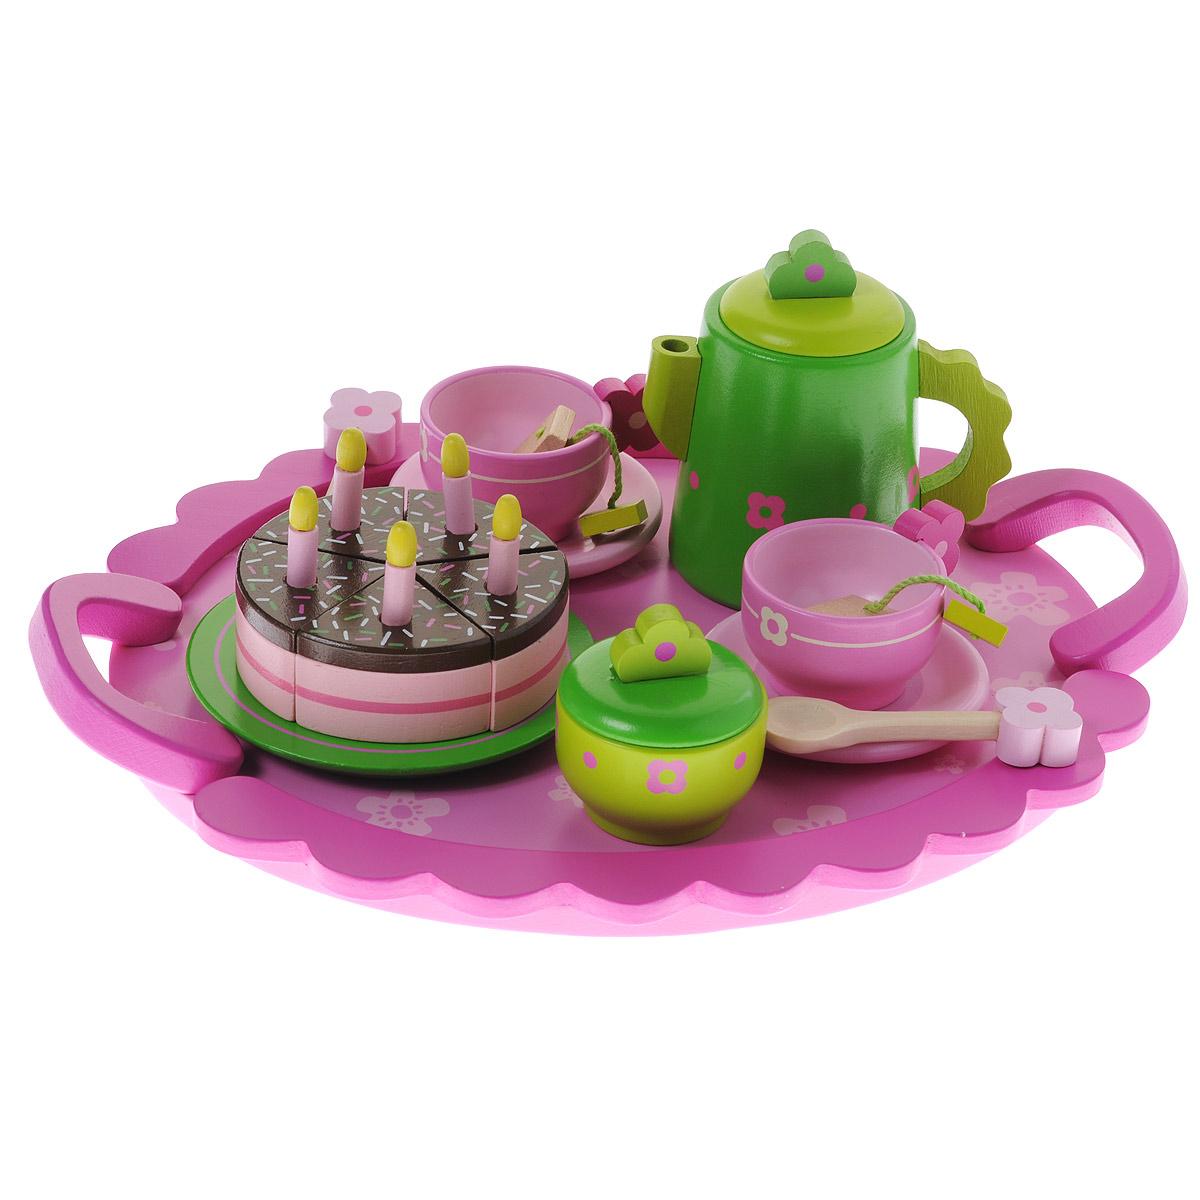 Игровой набор Djeco День рождения06511Игровой набор Djeco День рождения привлечет внимание любой девочки. Набор включает в себя все необходимое для веселого игрового чаепития: чайник, 2 чашки, 2 блюдца, сахарница, 3 пакетика чая, 5 свечек, 5 кусочков торта, тарелка и поднос. Все элементы набора выполнены из дерева и окрашены нетоксичными красками в нежные пастельные цвета. Все предметы в наборе имеют удобные для детских ручек размеры. Крышки на чайничке и сахарнице снимаются. Ваша малышка сможет часами играть с этим замечательным набором, выдумывая различные истории и разыгрывая сказочное чаепитие. Такие игры развивают мелкую моторику, социальные навыки и воображение, а также помогут ребенку познакомиться с различными цветами и формами. Порадуйте свою малышку таким замечательным подарком!